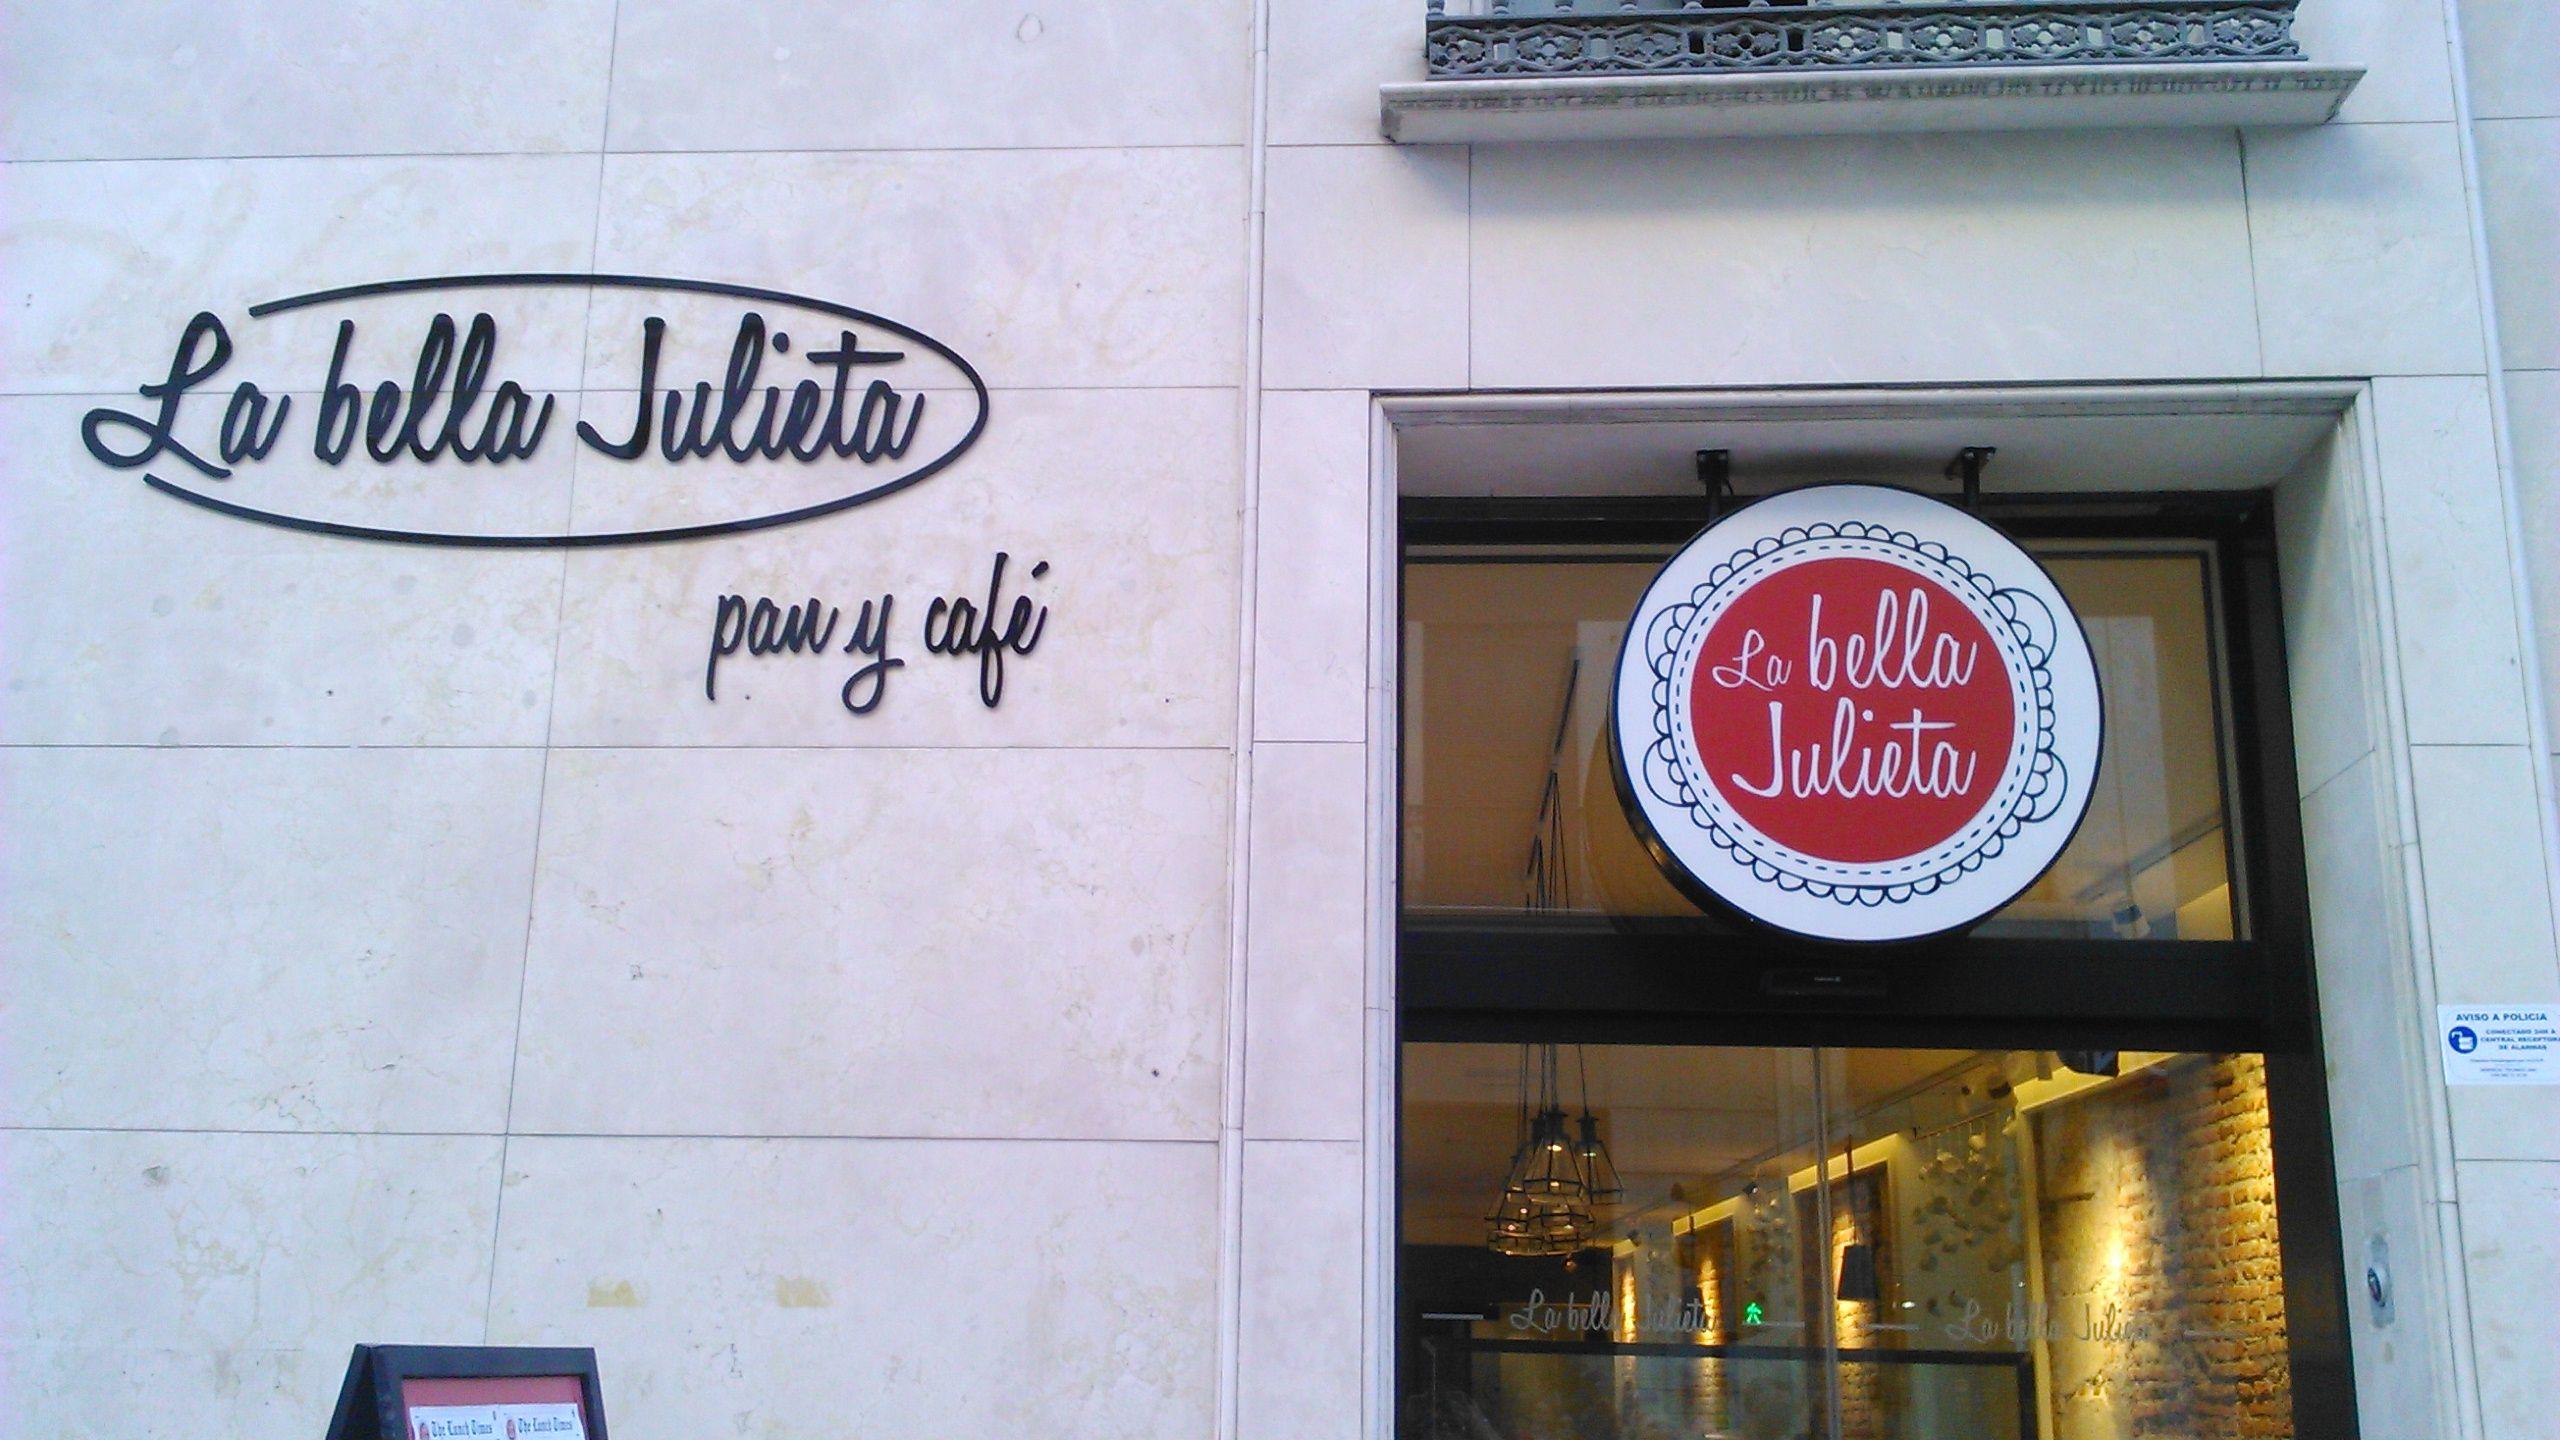 pan y cafe cafeterias malaga labellajulieta La bella